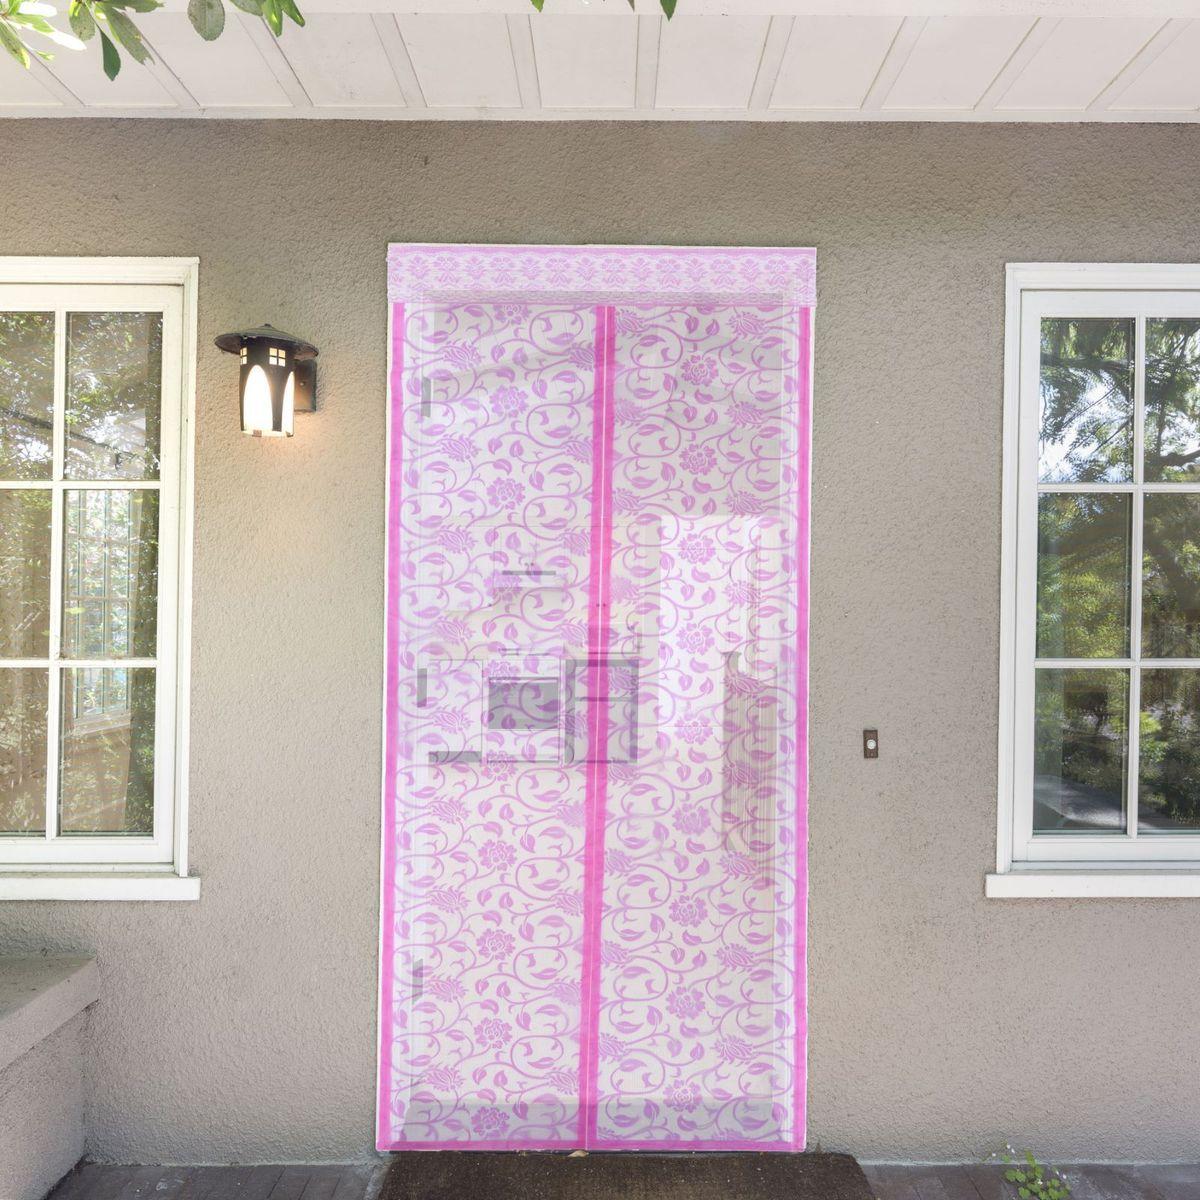 Сетка антимоскитная Цветочный узор, на магнитной ленте, цвет: розовый, 80 х 210 см1207611Занавес от насекомых на магнитной ленте универсален в использовании: подвесьте его при входе в садовый дом или балкон, чтобы предотвратить попадание комаров внутрь жилища. Наслаждайтесь свежим воздухом без компании надоедливых насекомых! Чтобы зафиксировать занавес в дверном проеме, достаточно закрепить занавеску по периметру двери с помощью кнопок, идущих в комплекте. В комплект входит: полиэстеровая сетка-штора (80 x 210 см) магнитная лента крепежные крючки. Принцип действия занавеса предельно прост: каждый раз, когда вы будете проходить сквозь шторы, они автоматически «захлопнутся» за вами благодаря магнитам, расположенным по всей его длине.